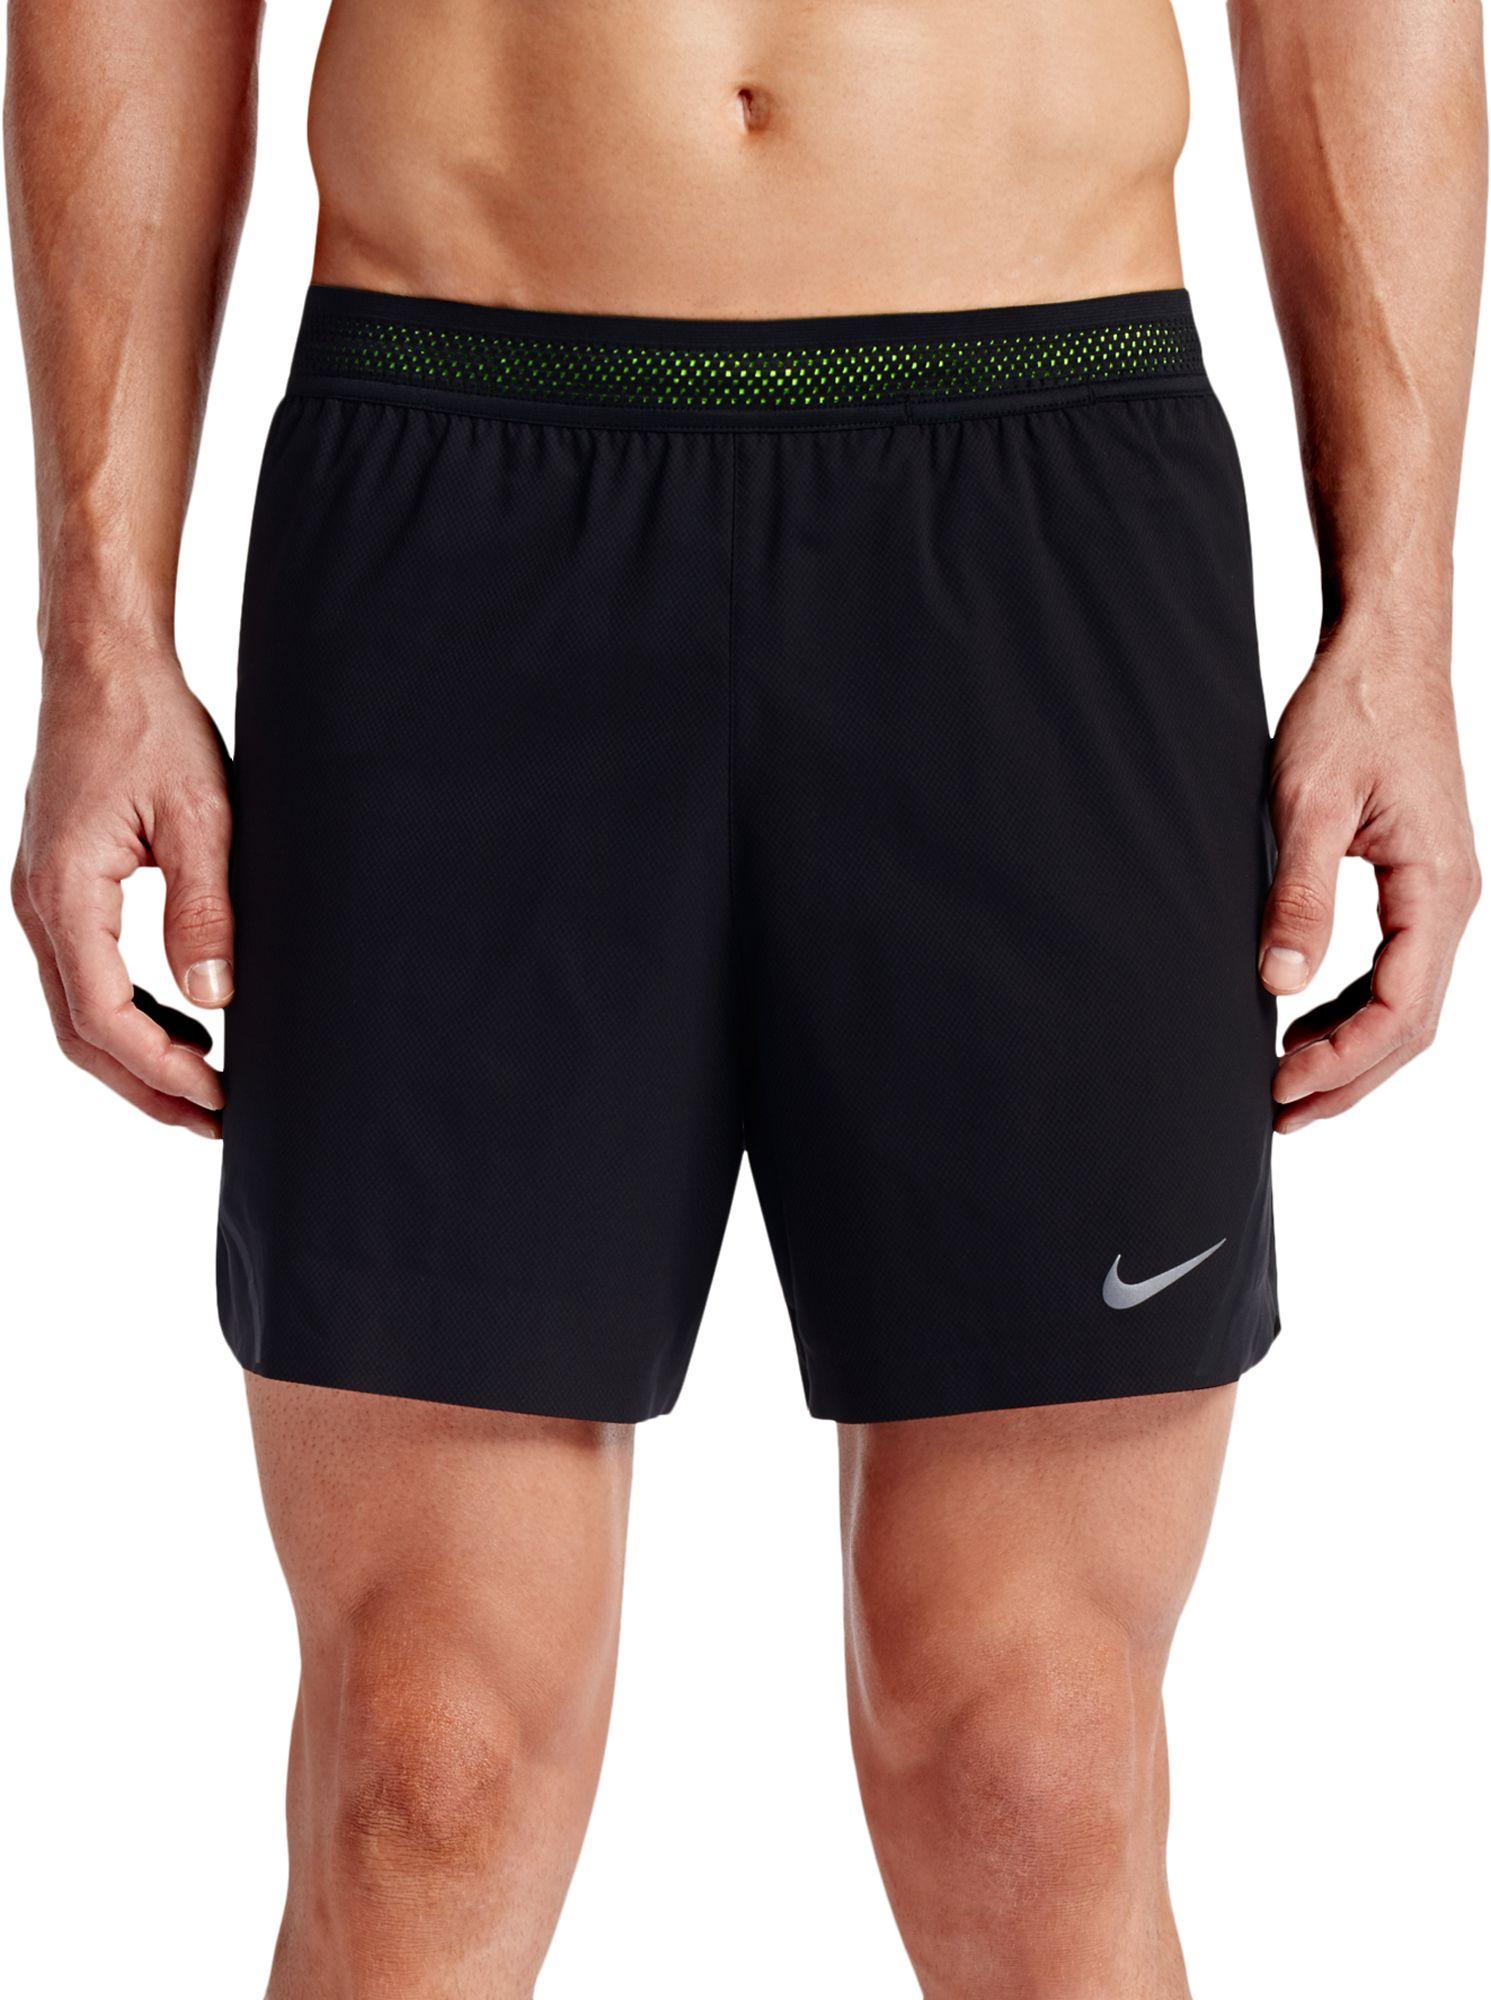 2558caa7f5ace5 nike aeroswift shorts